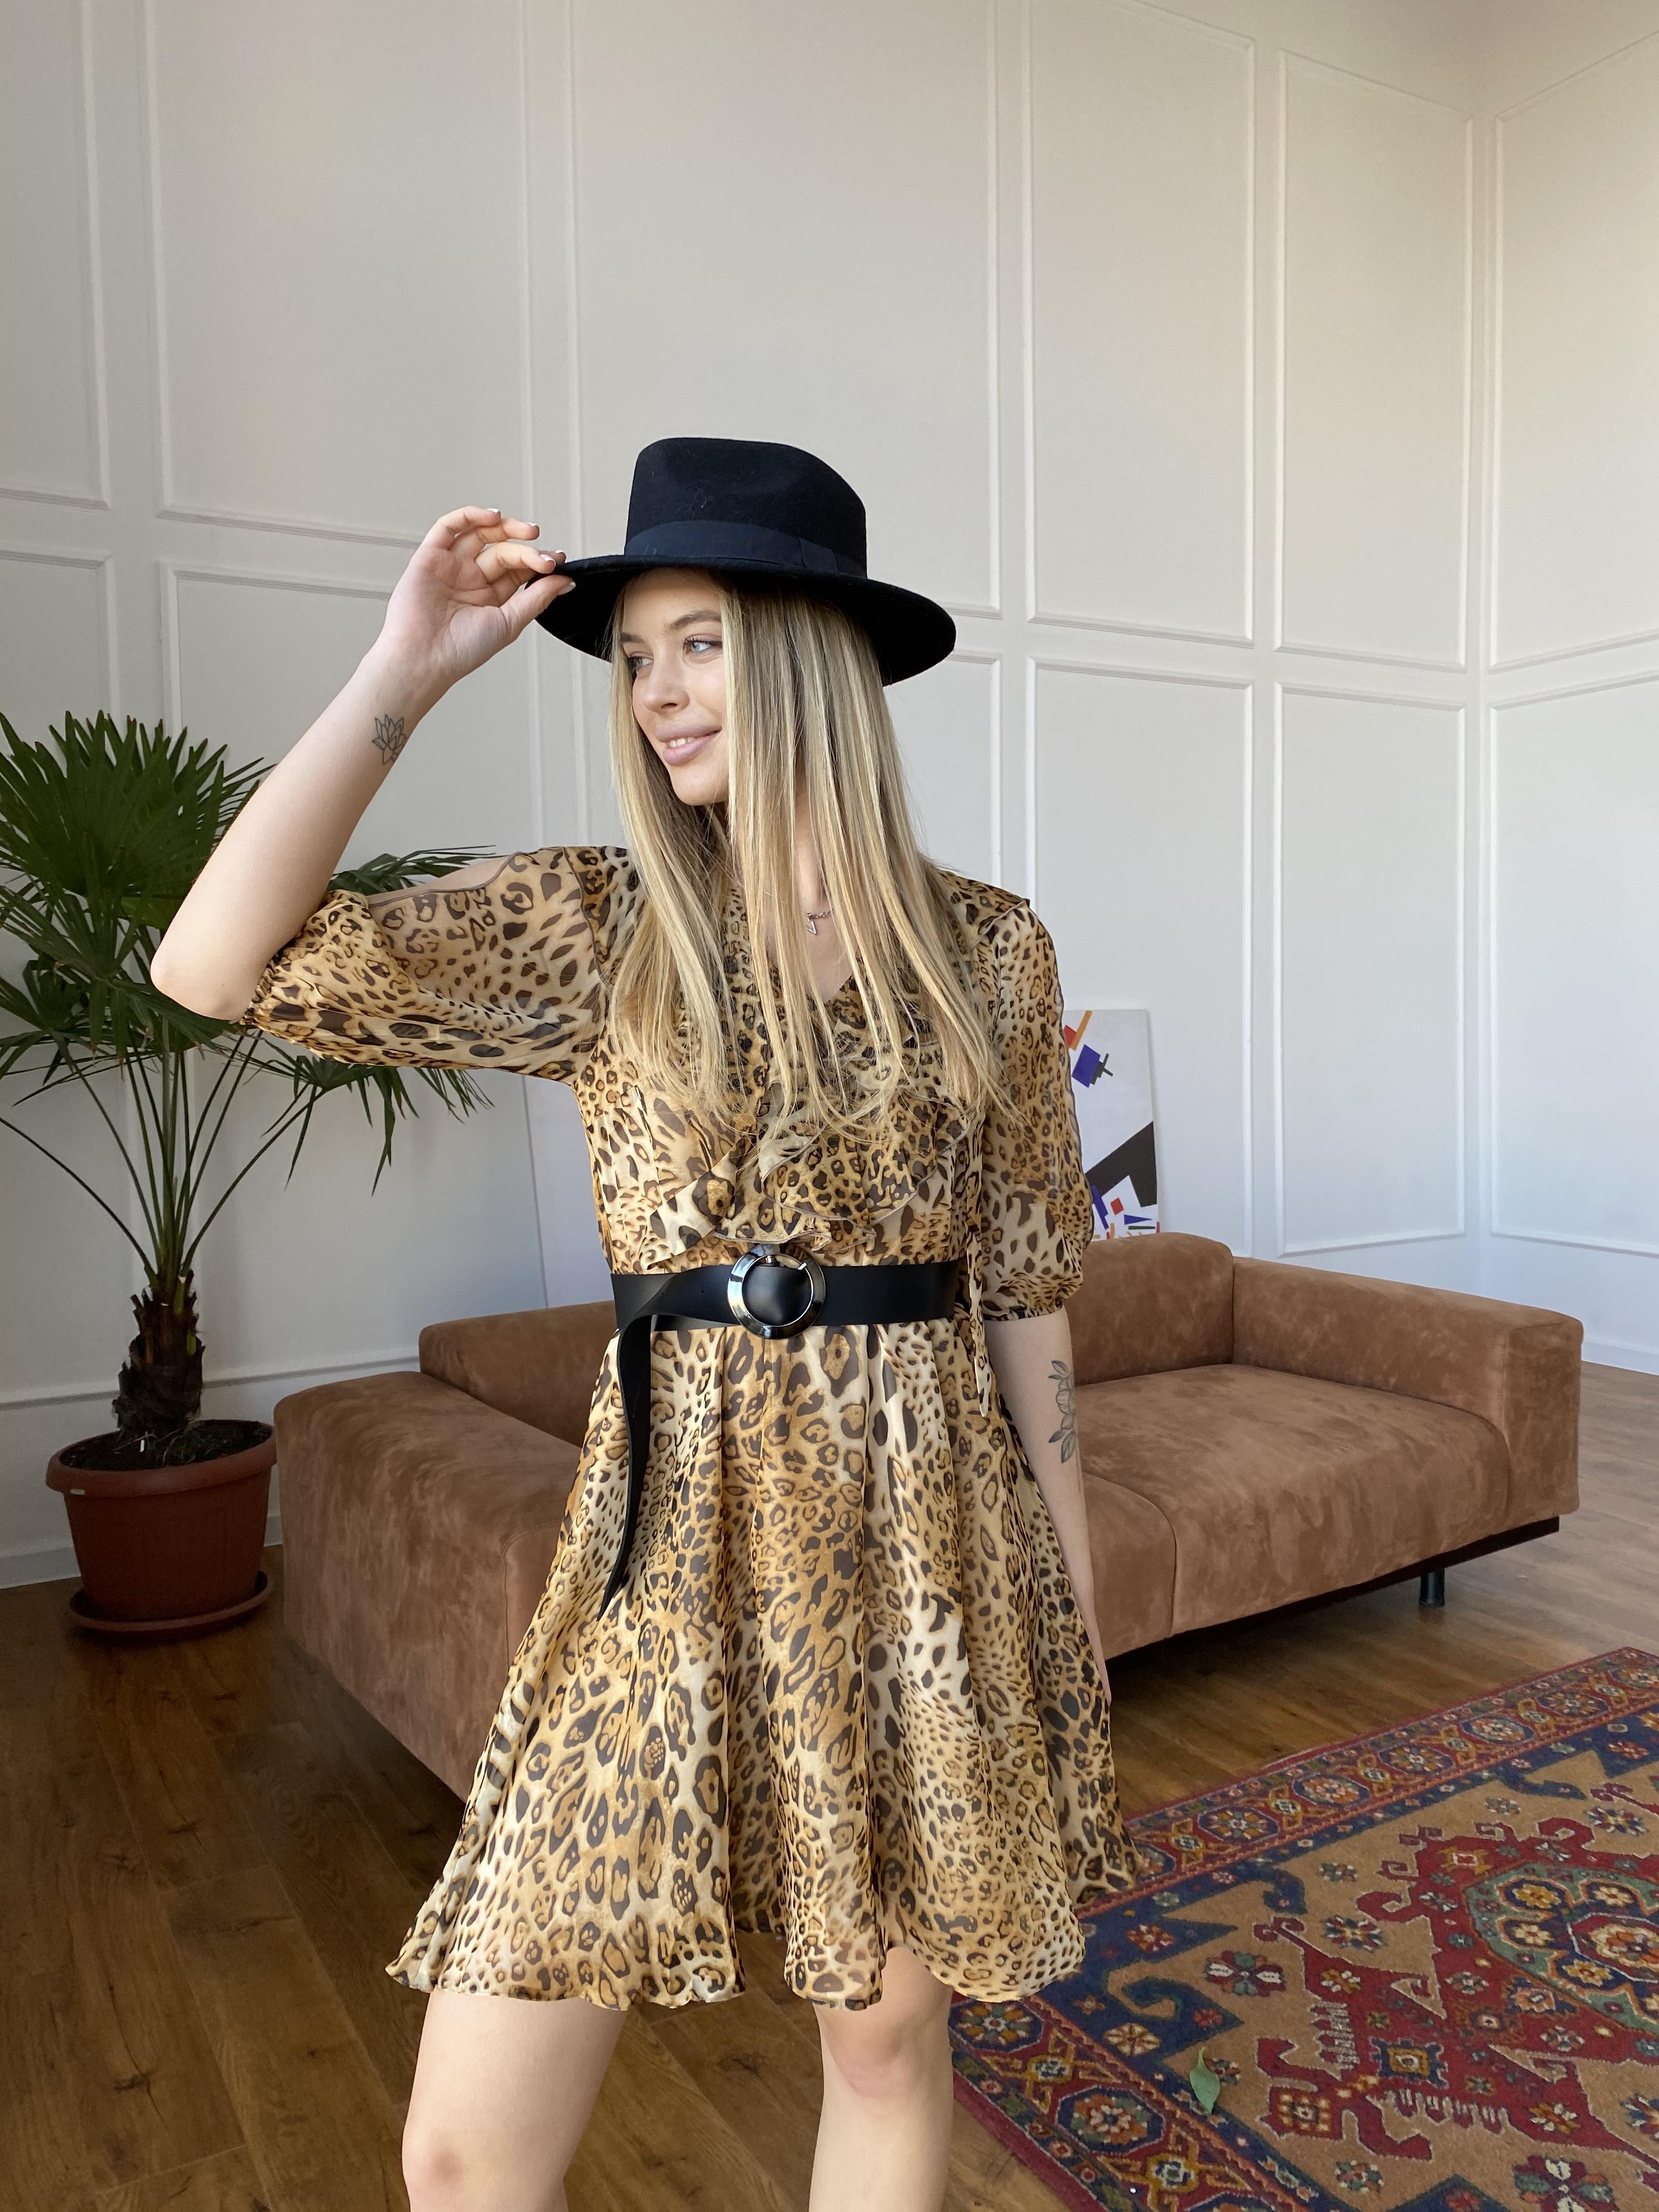 Блюз платье в леопардовый принт 7093 АРТ. 42551 Цвет: Леопард 2 - фото 4, интернет магазин tm-modus.ru